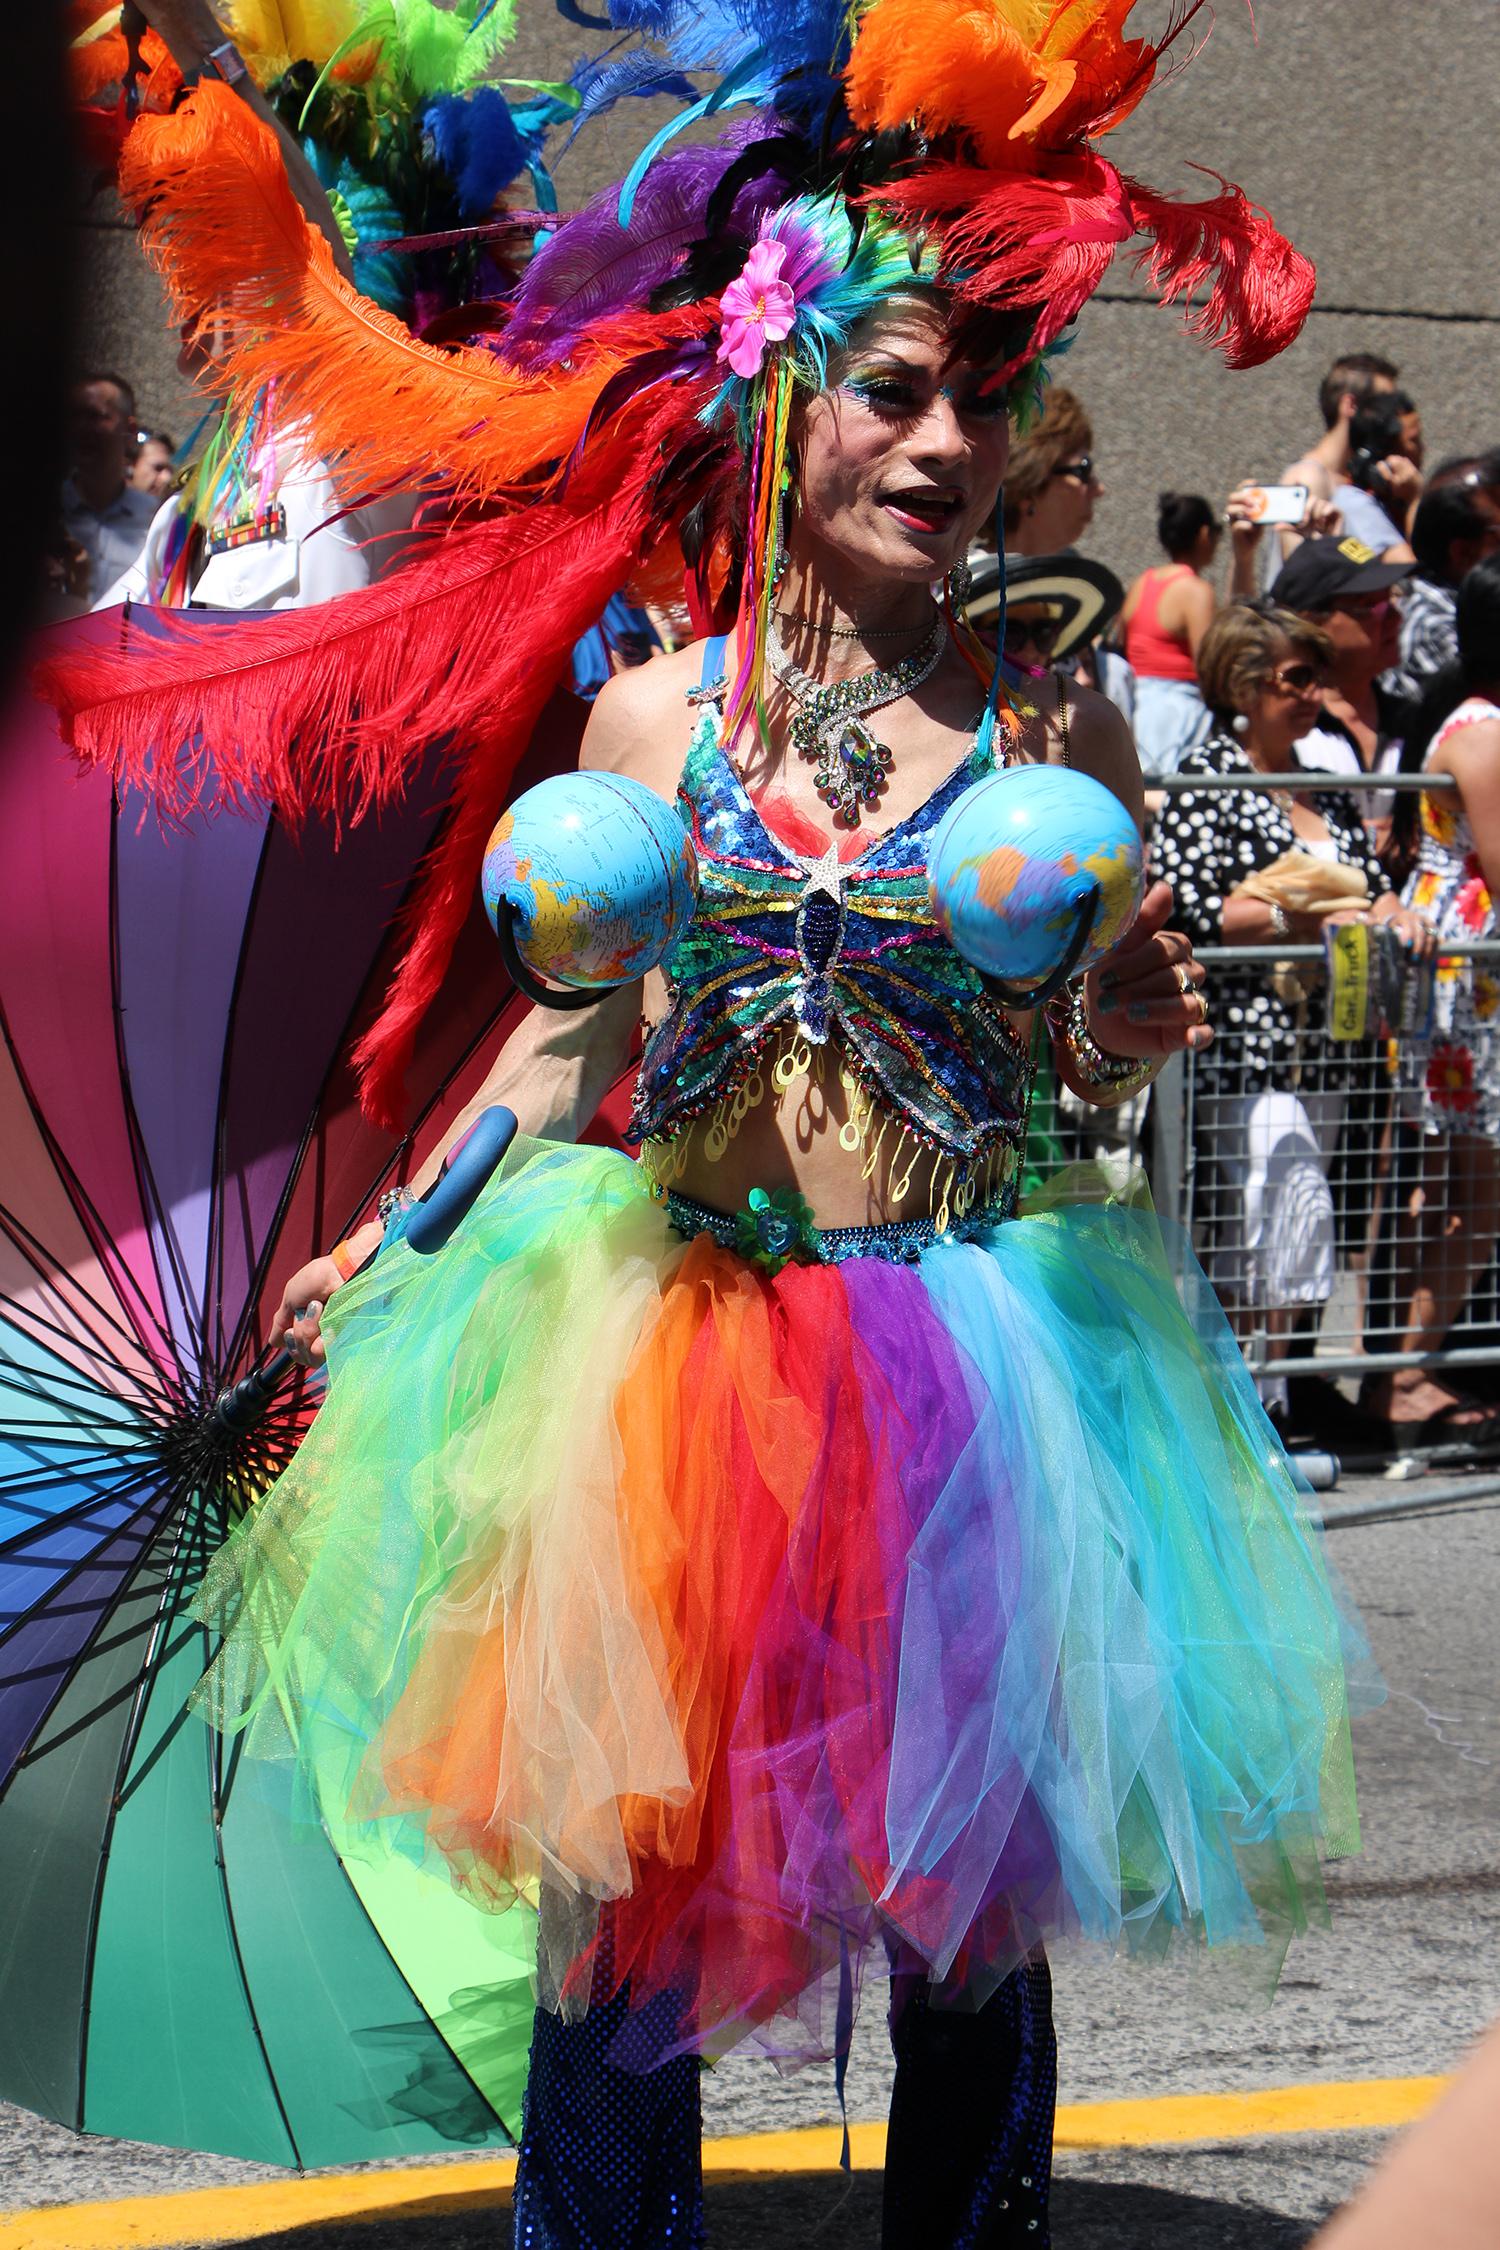 pride parade rainbow tutu outfit